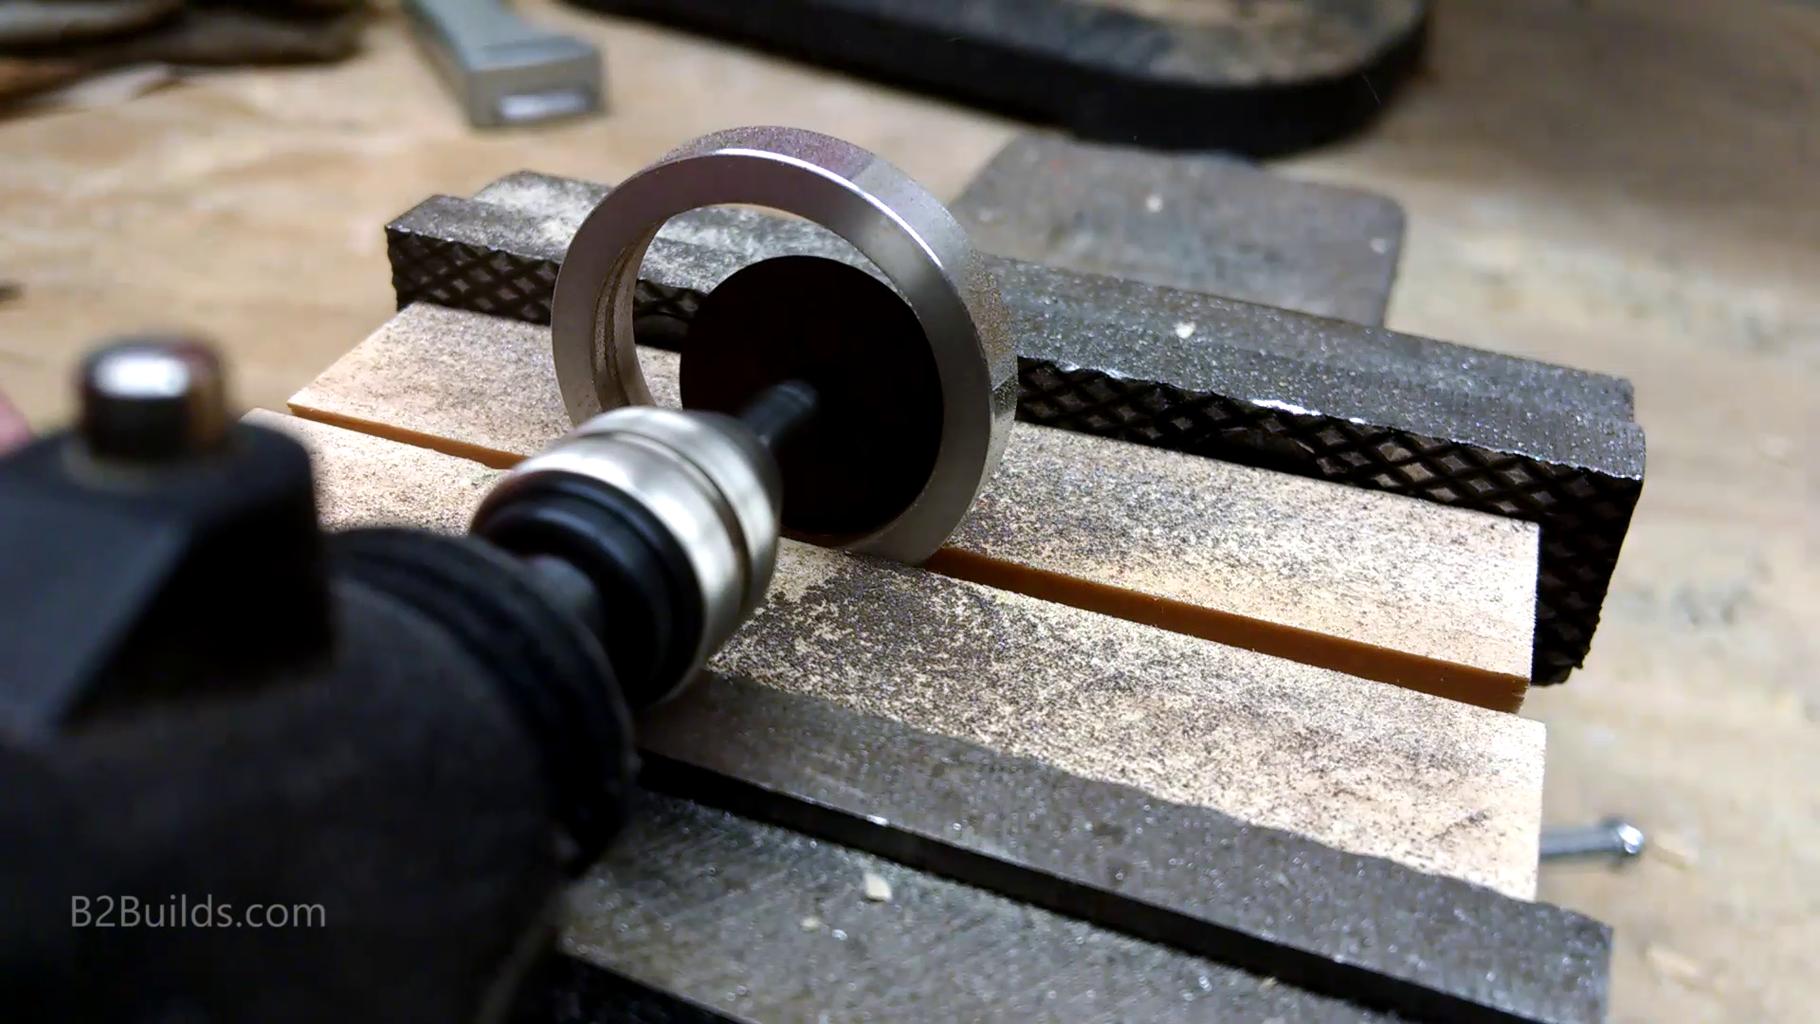 Prepping the Aluminum Rims